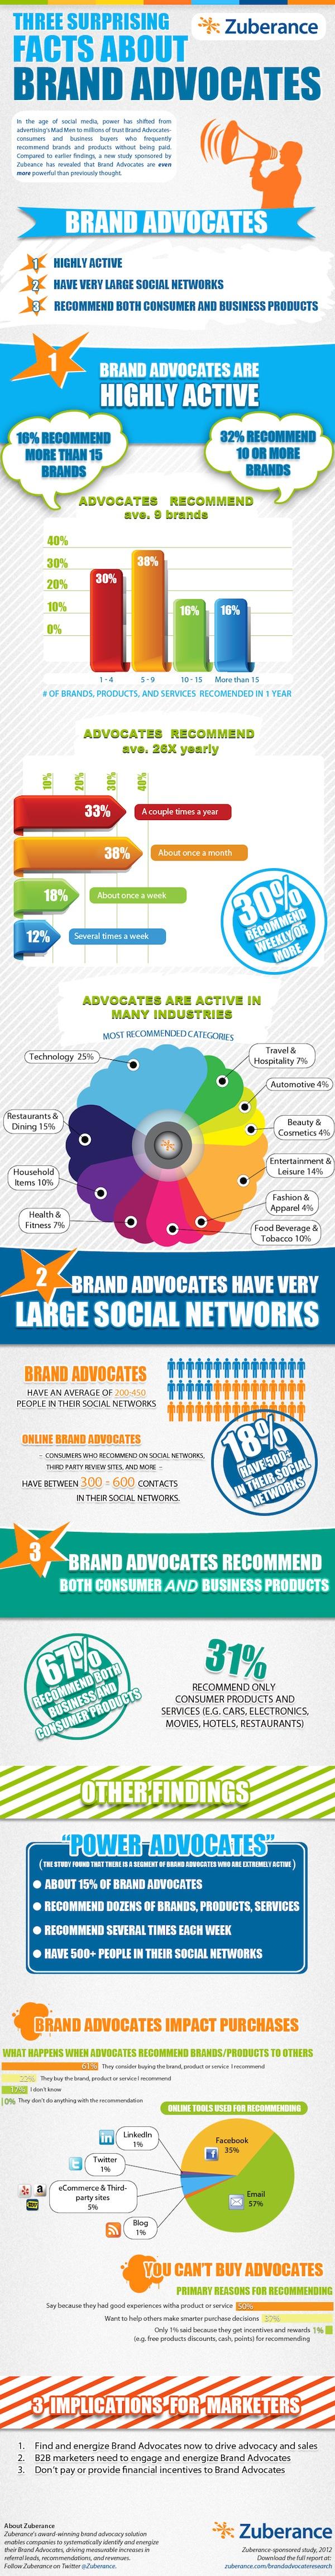 Infografía Cómo actúan los prescriptores de marcas en las redes sociales